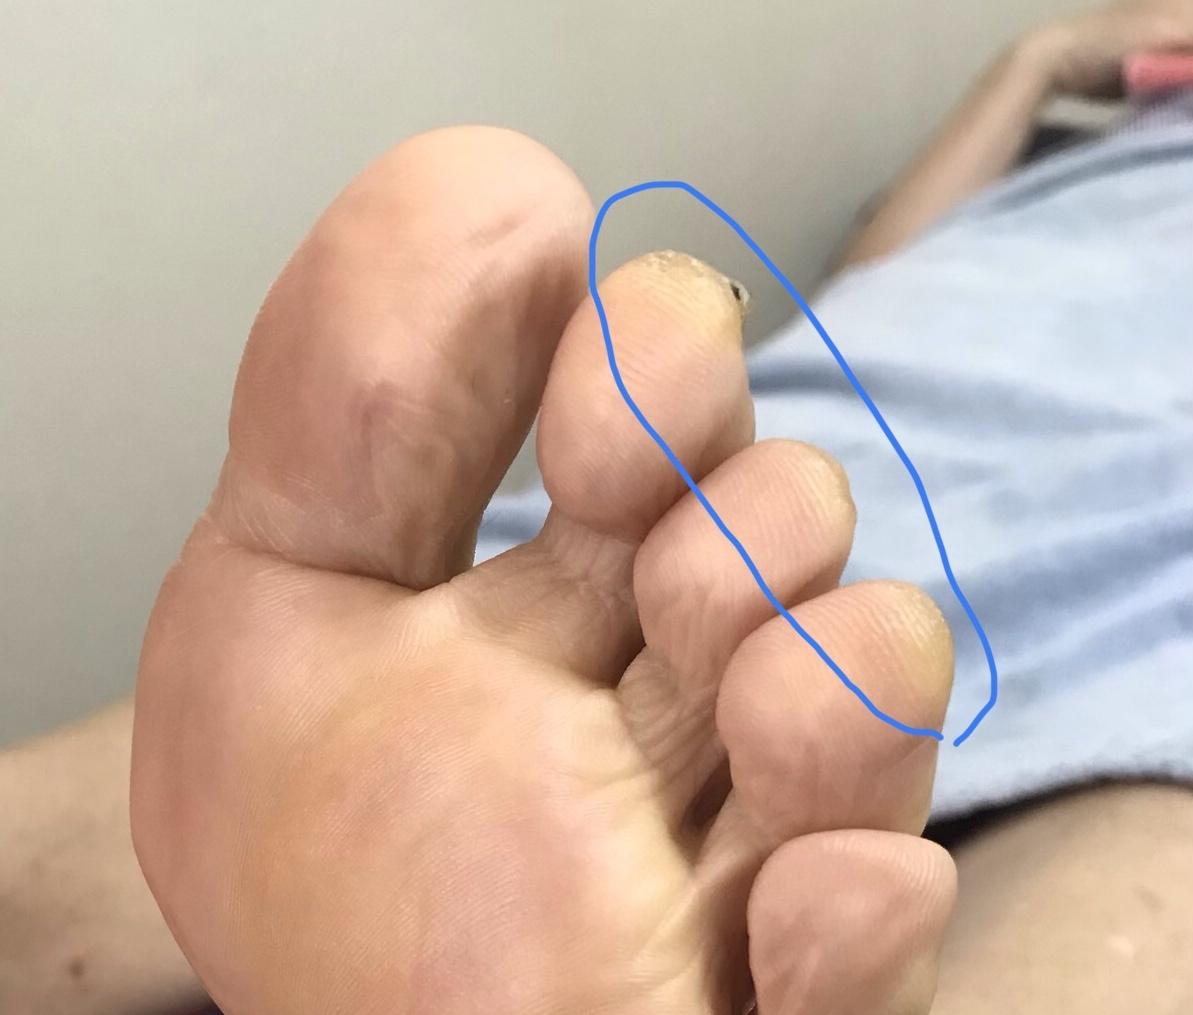 足に現れる身体のサイン…つま先